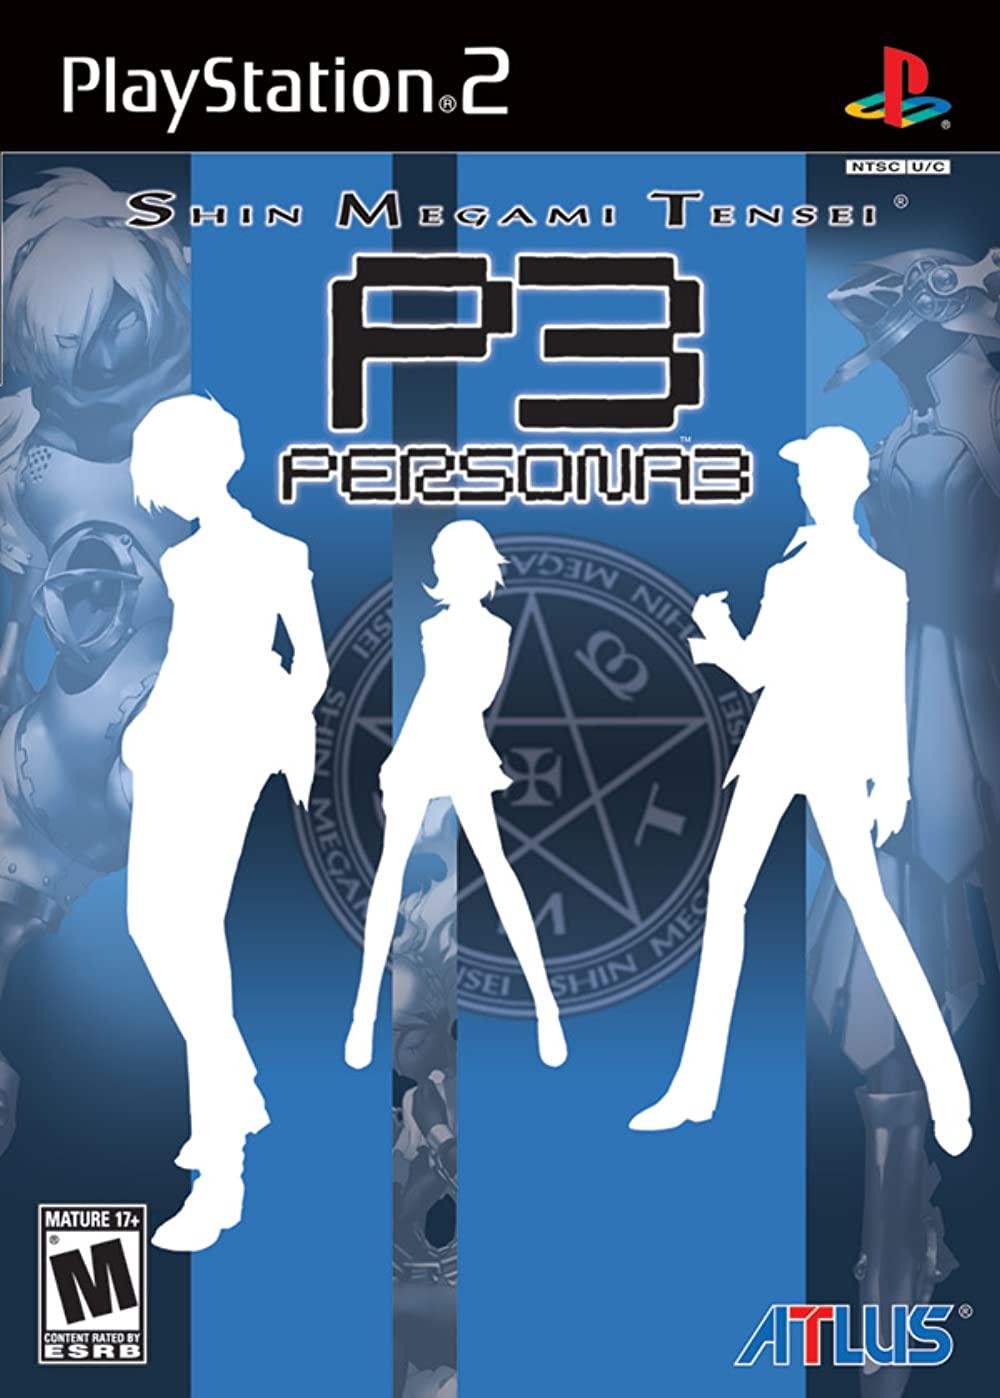 File:Shin Megami Tensei Persona 3 North American boxart.jpg